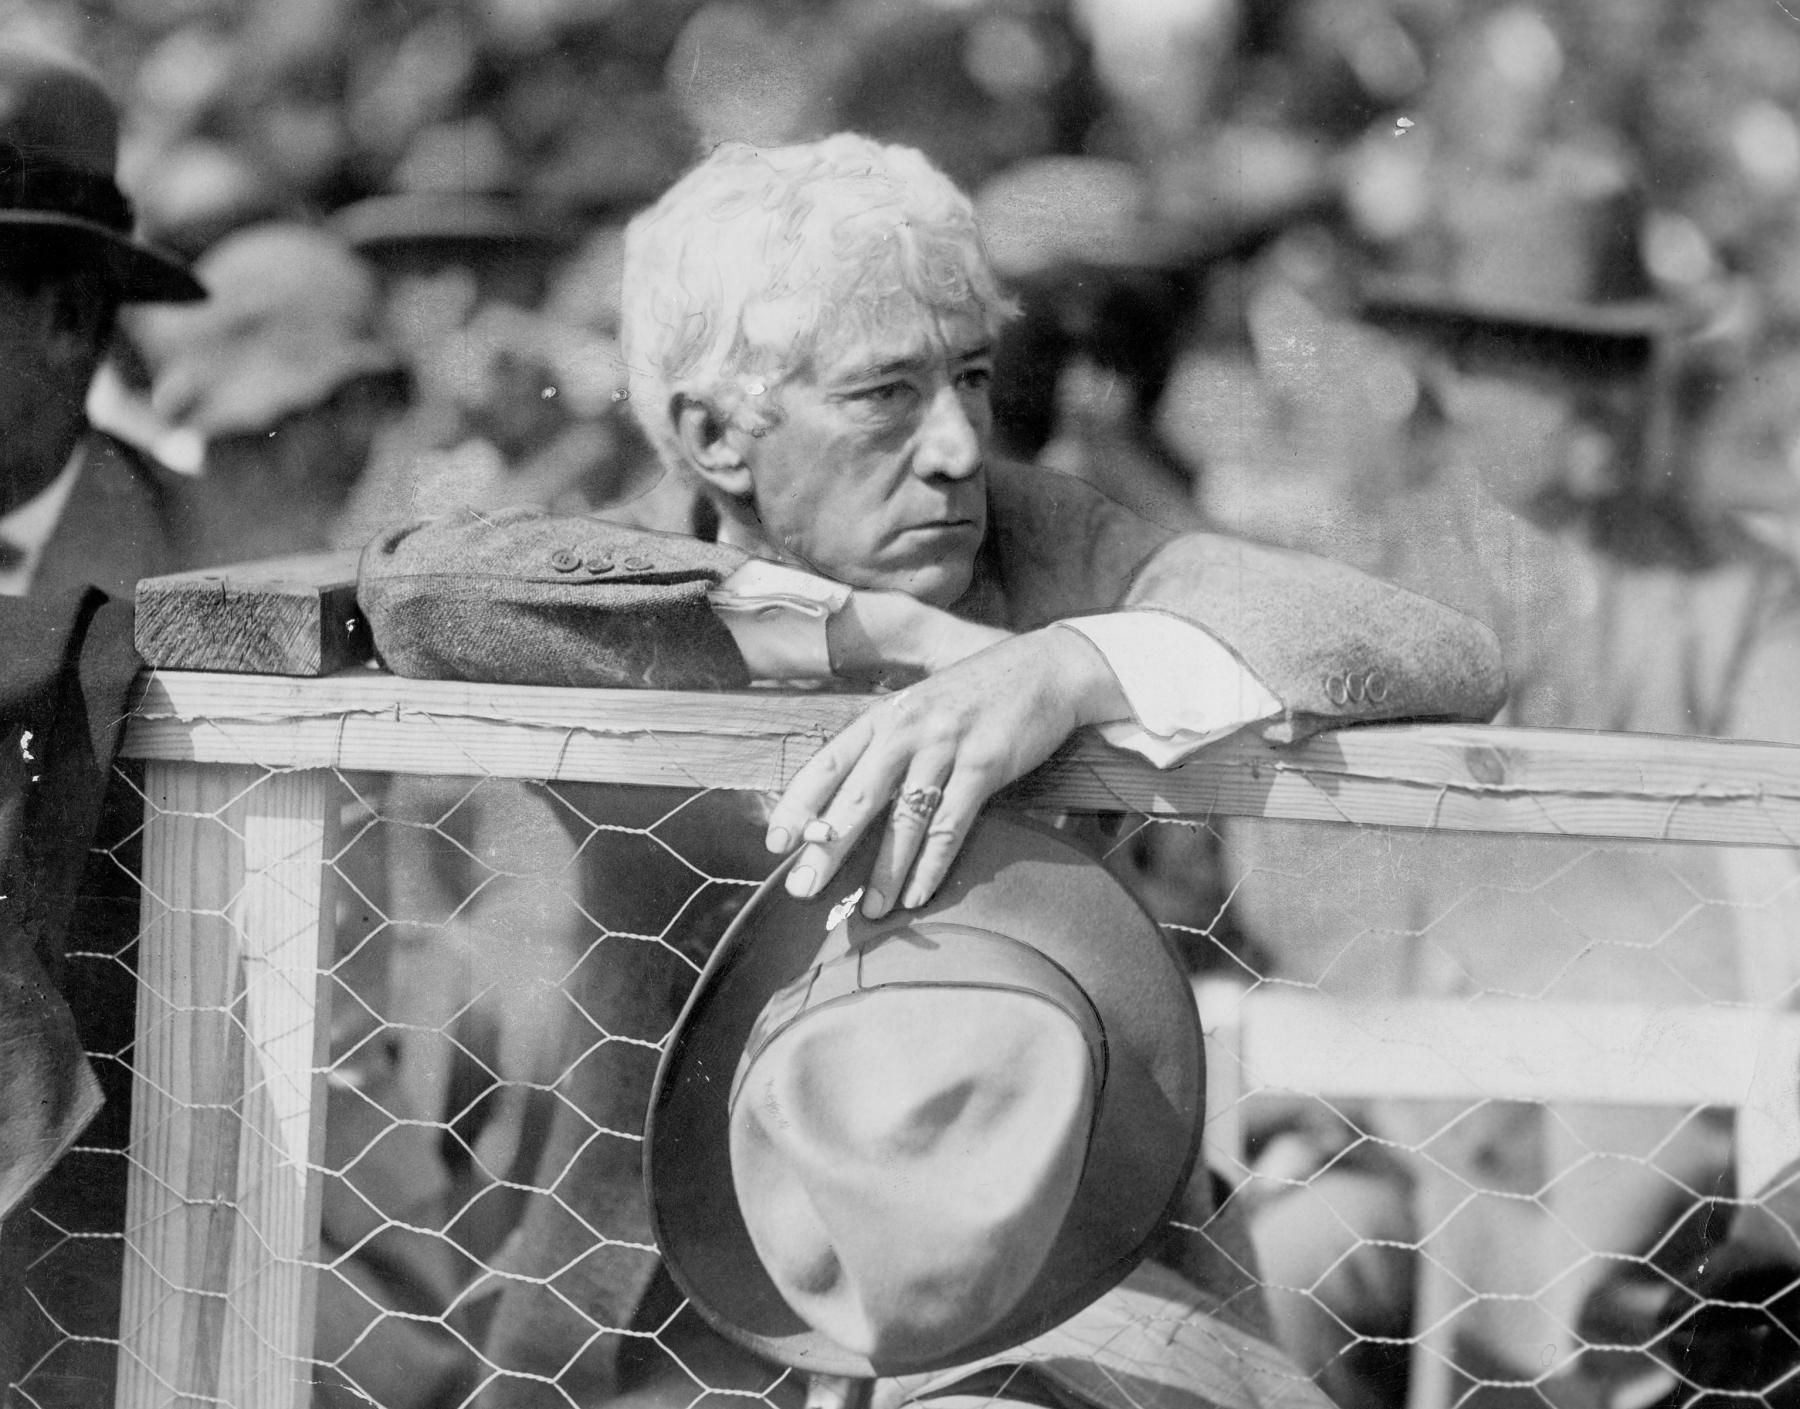 Kenesaw Mountain Landis at 1927 World Series. BL-561.68